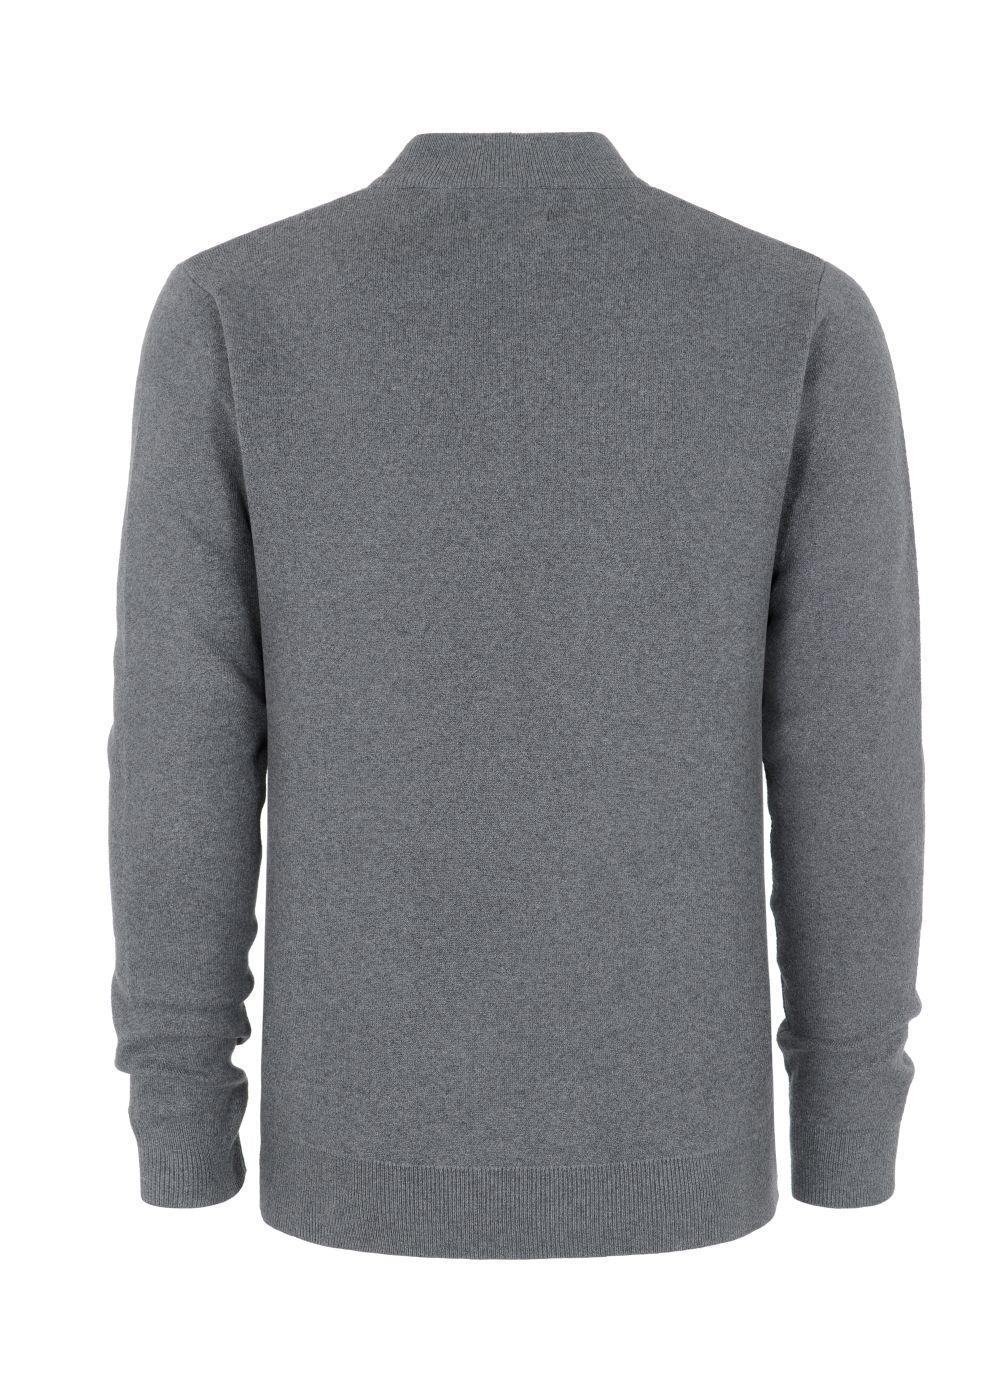 Sweter męski SWEMT-0094-91(Z20)